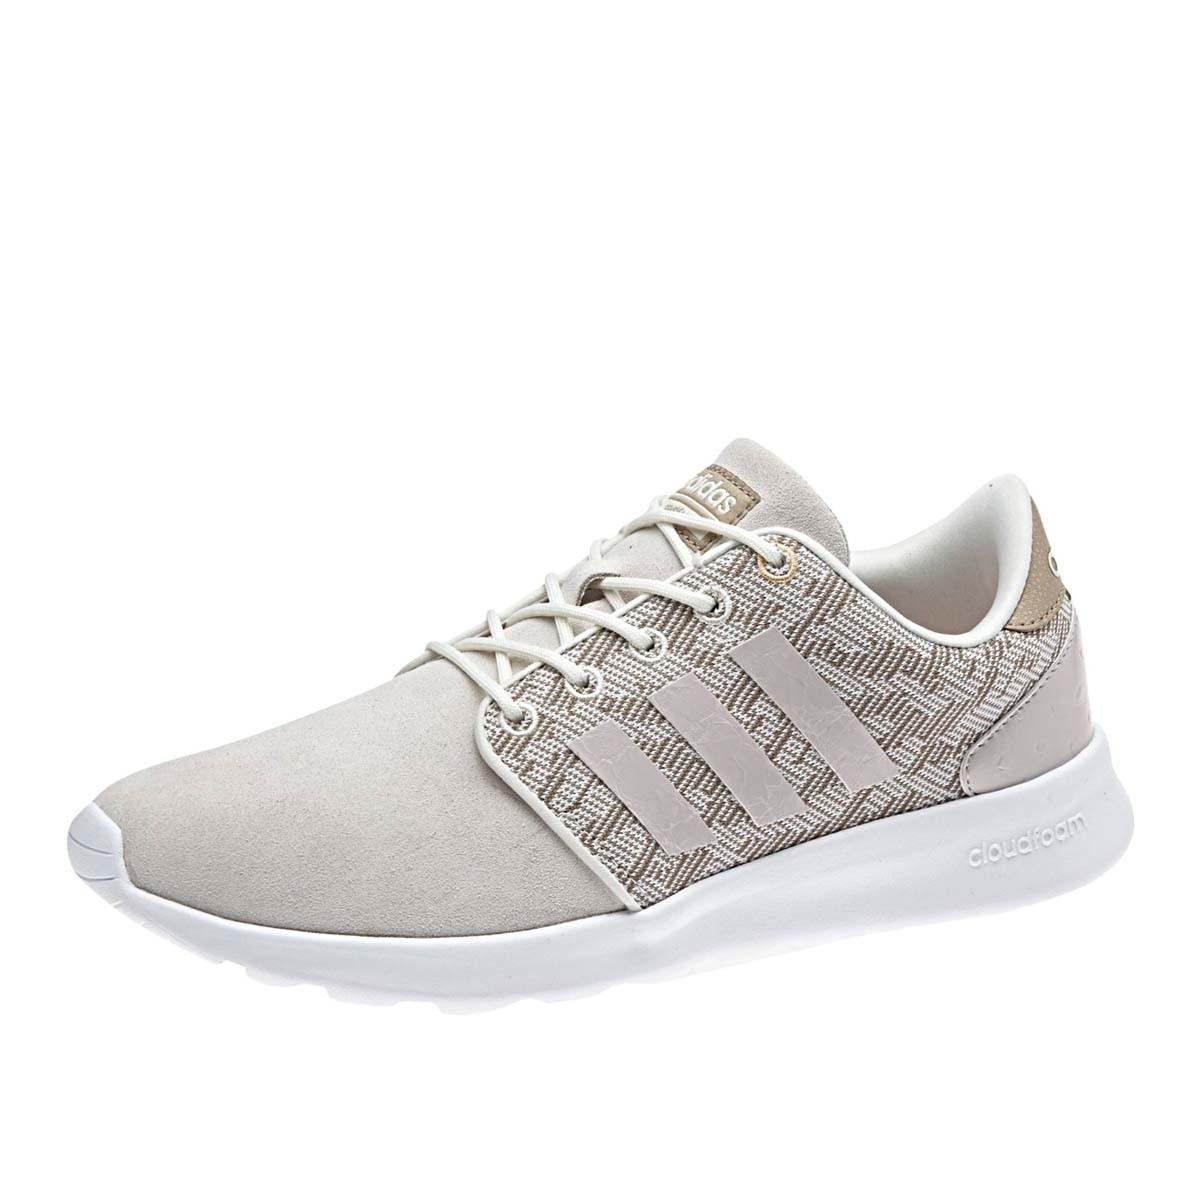 Adidas CF QT RACER W